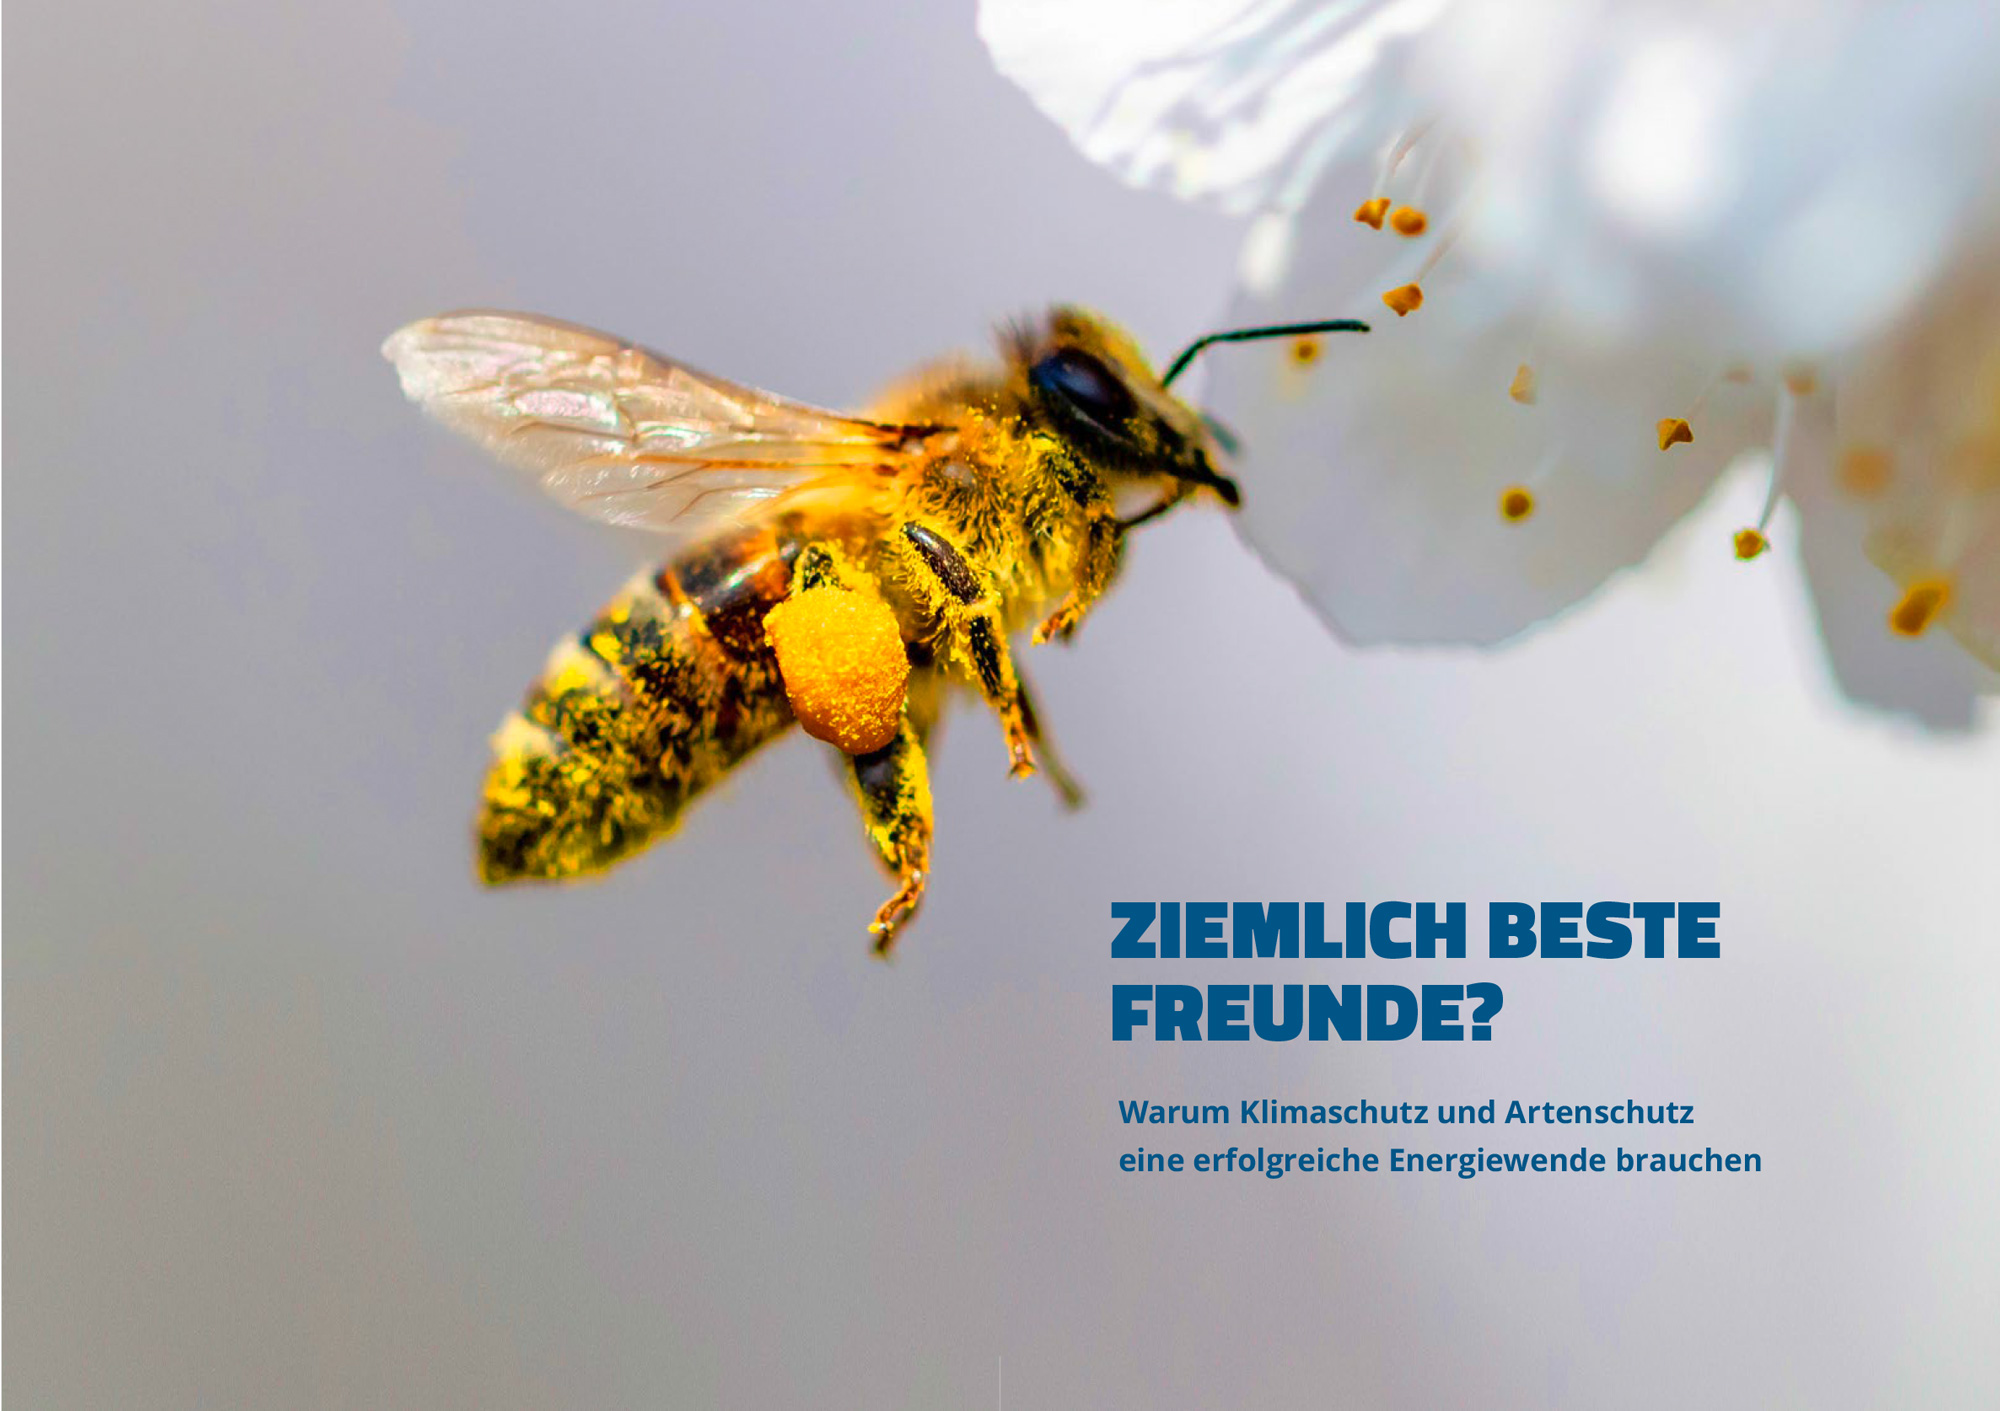 Biene im Anflug auf weiße Blüte